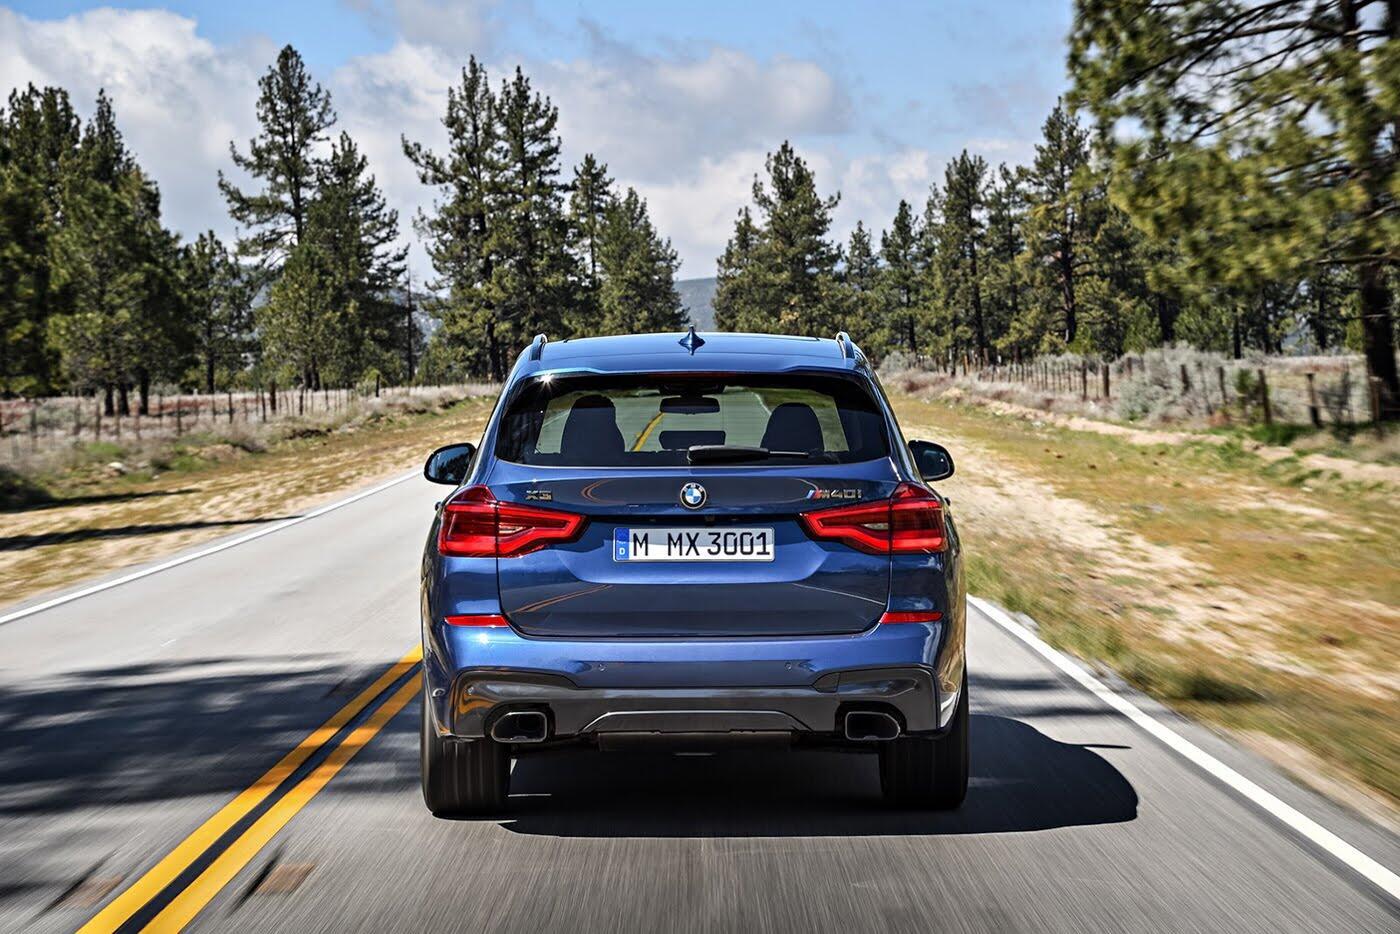 Ảnh chi tiết BMW X3 2018 hoàn toàn mới - Hình 11